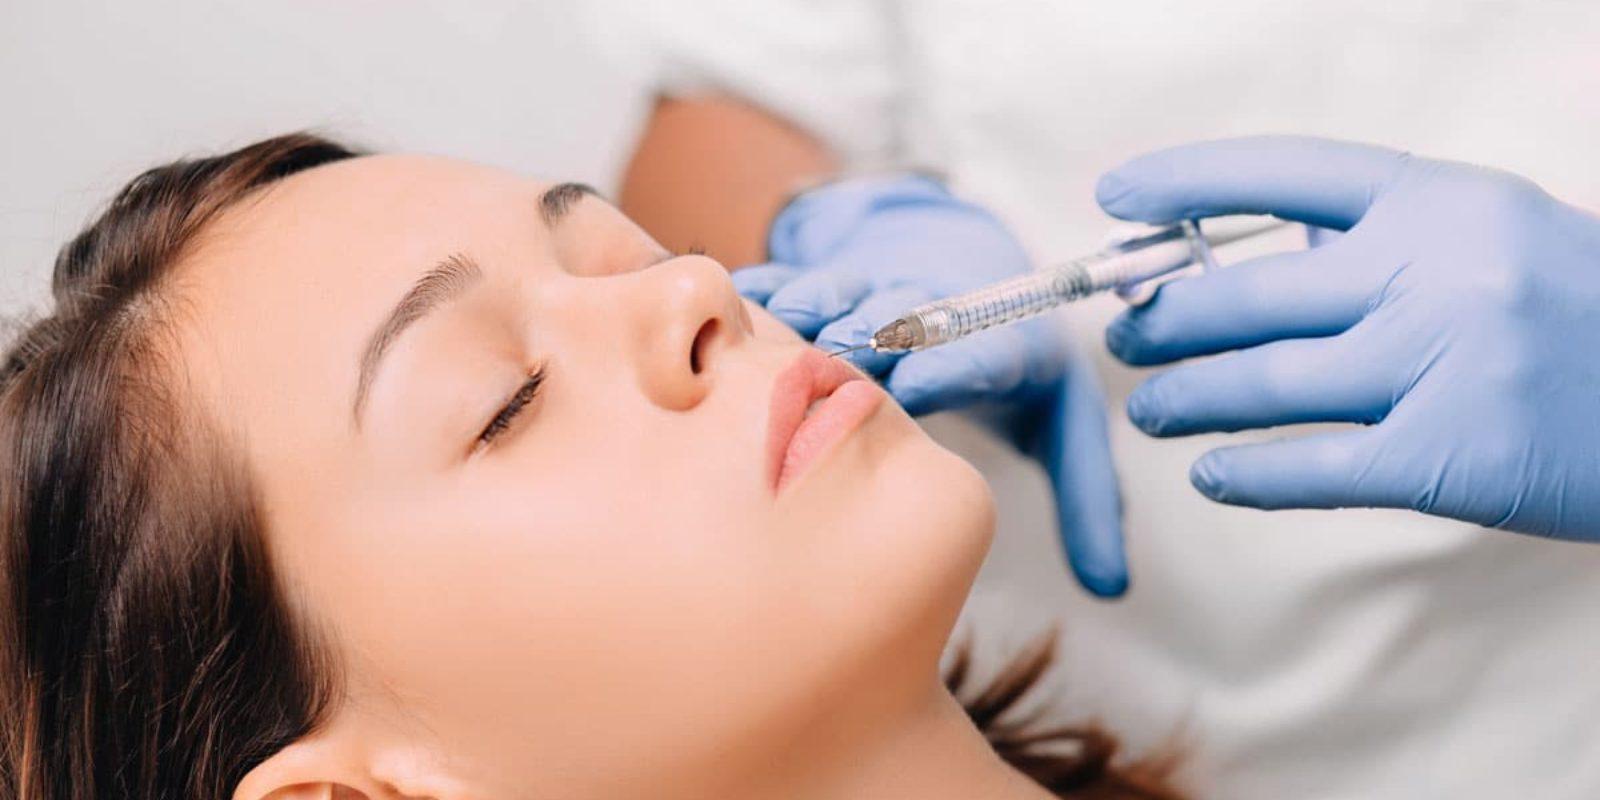 L'injection d'acide hyaluronique dans les lèvres